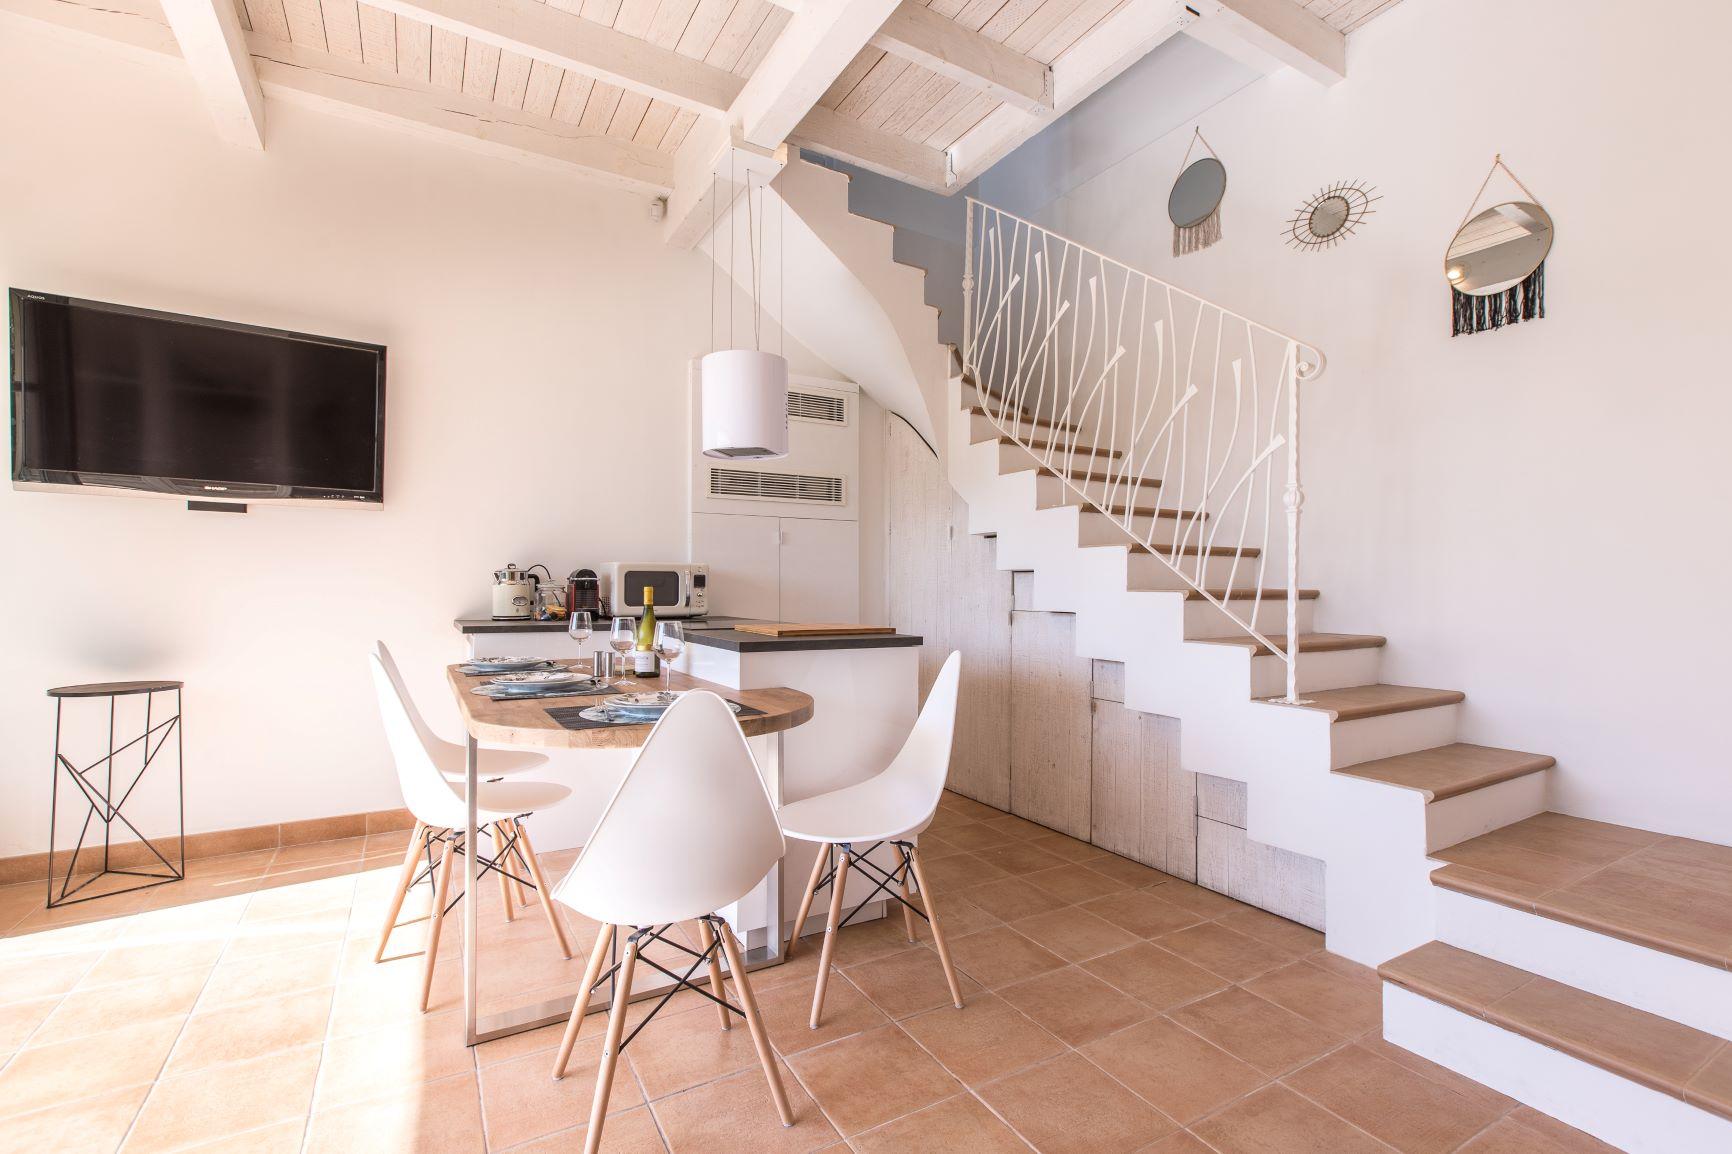 A la demande de notre client nous avons fabriqué sur mesure une rampe pour protection escalier avec decors de notre gamme . Localisation Nice